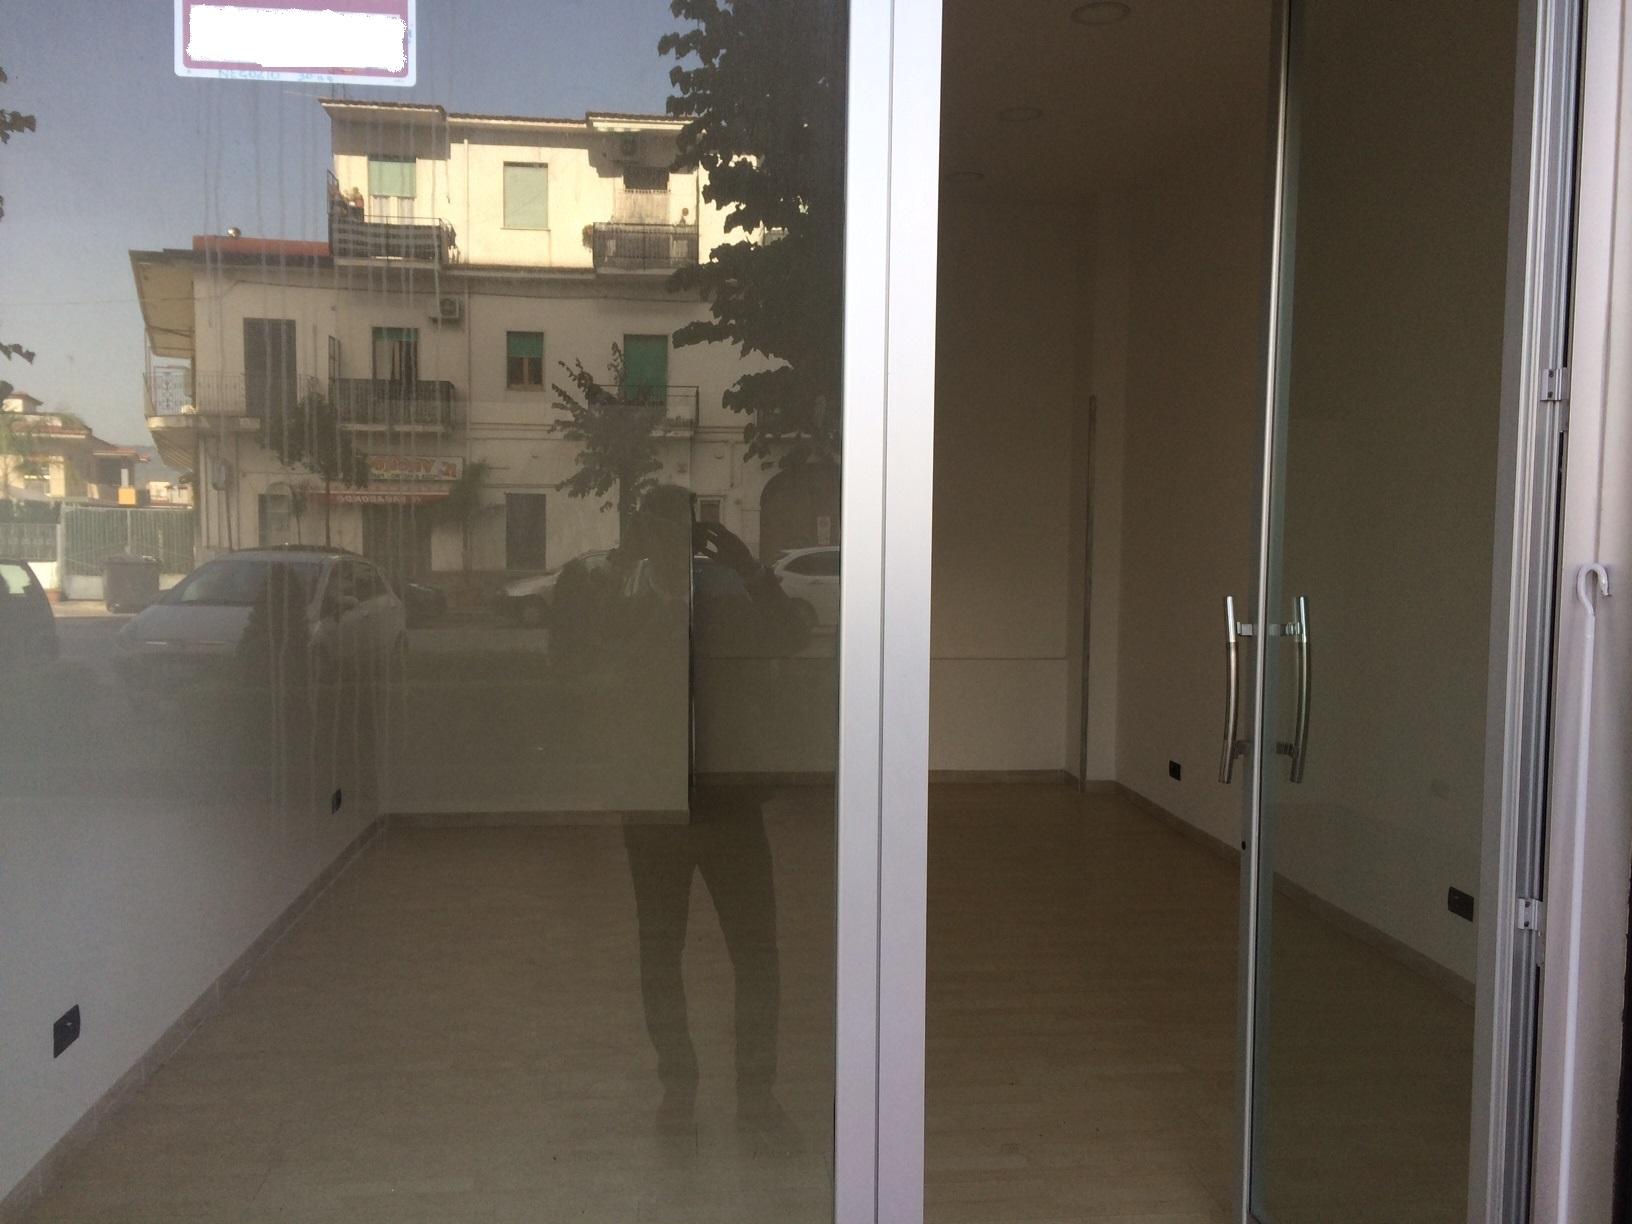 Attività / Licenza in affitto a Marigliano, 1 locali, prezzo € 450 | CambioCasa.it